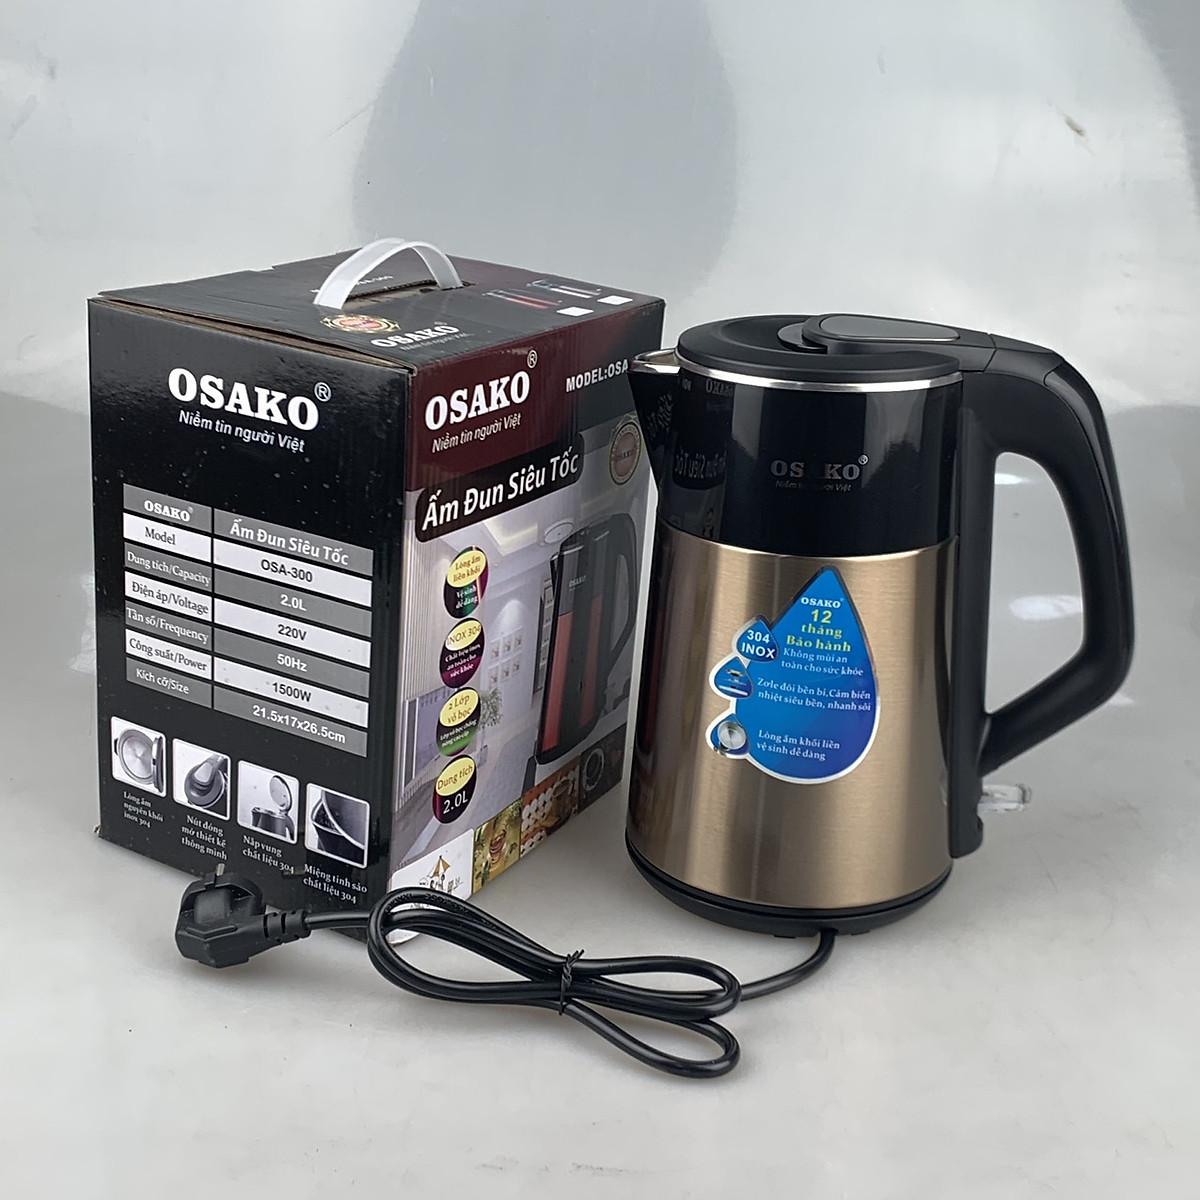 [Hàng chính hãng]Ấm siêu tốc, bình đun siêu tốc 2L, công suất 1500w OSAKO OSA200/300 ( chọn phân loại), hình ảnh tự chụp